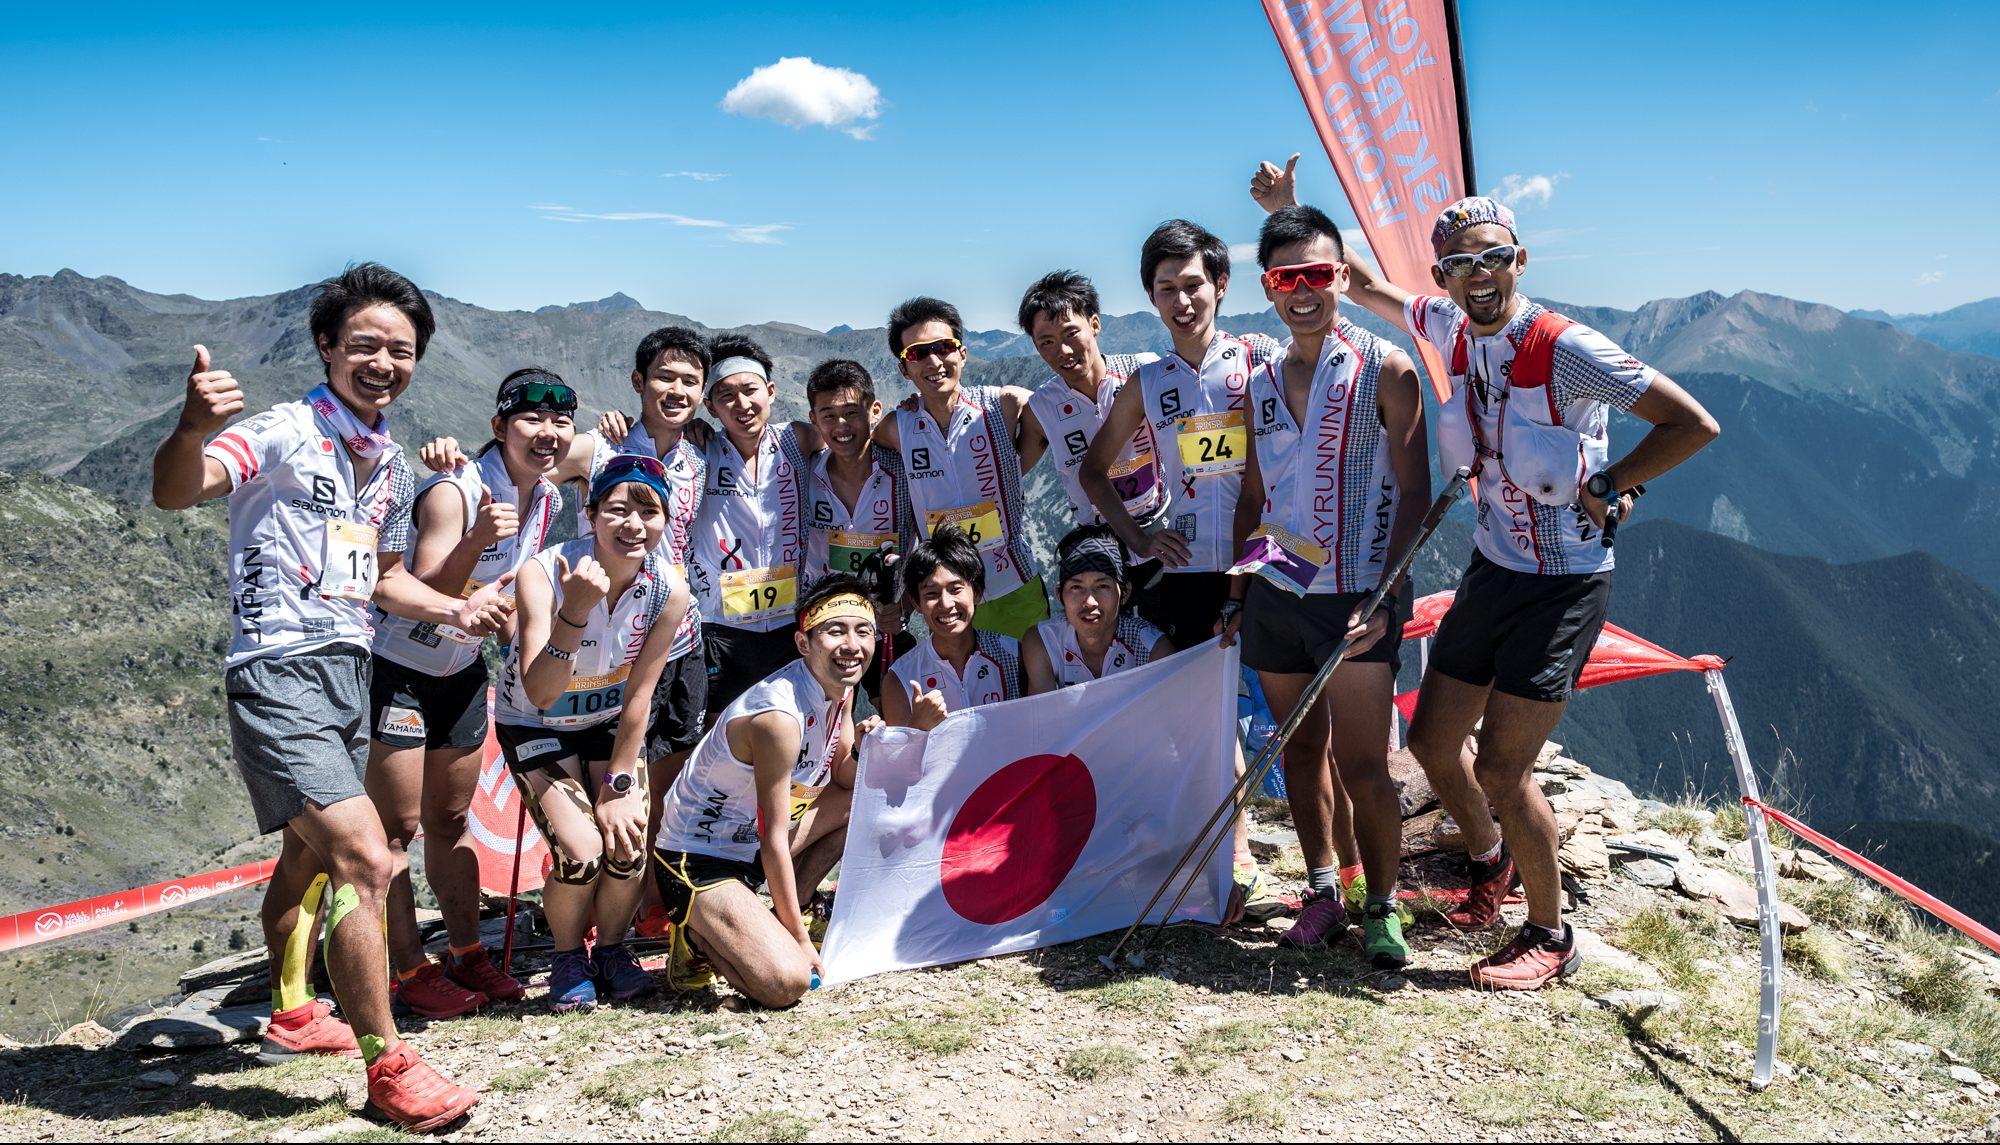 ユース日本チームの健闘に大きな拍手を! ⒸNAGI MUROFUSHI